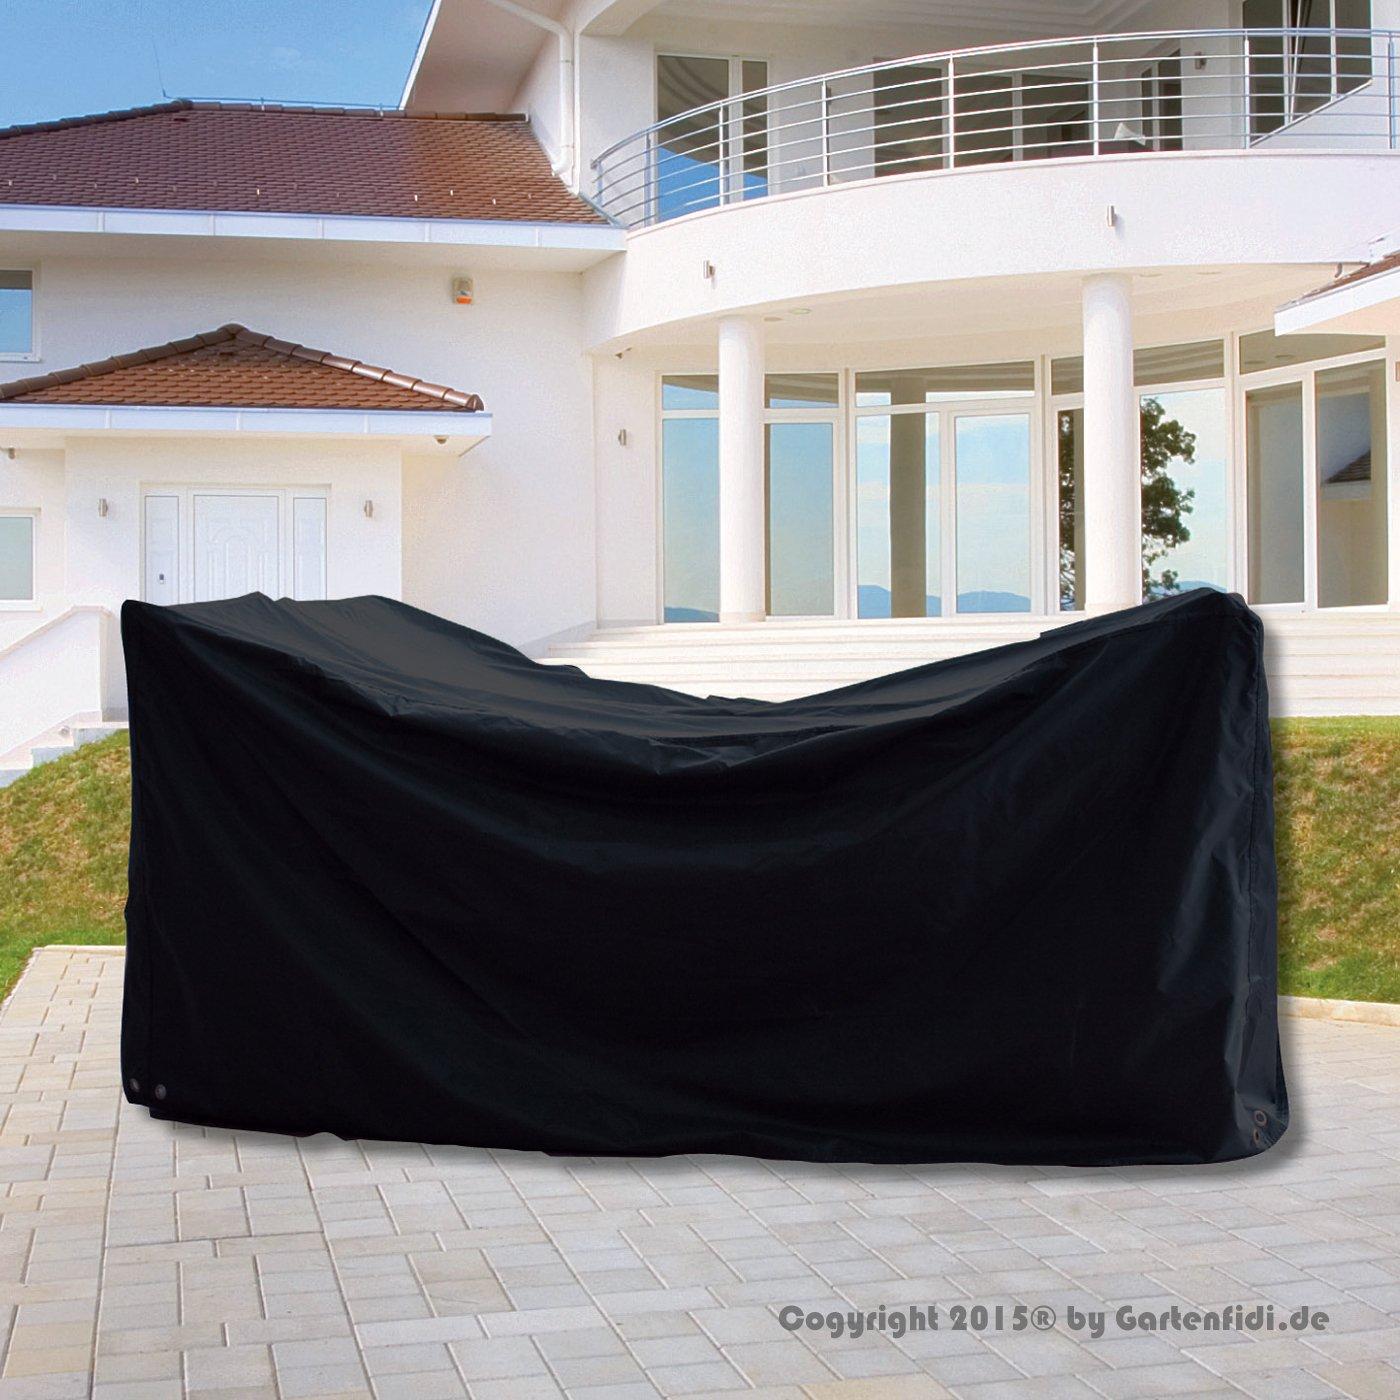 Schutzhülle für Set Tilburg Maße: 185 x 125 cm online kaufen